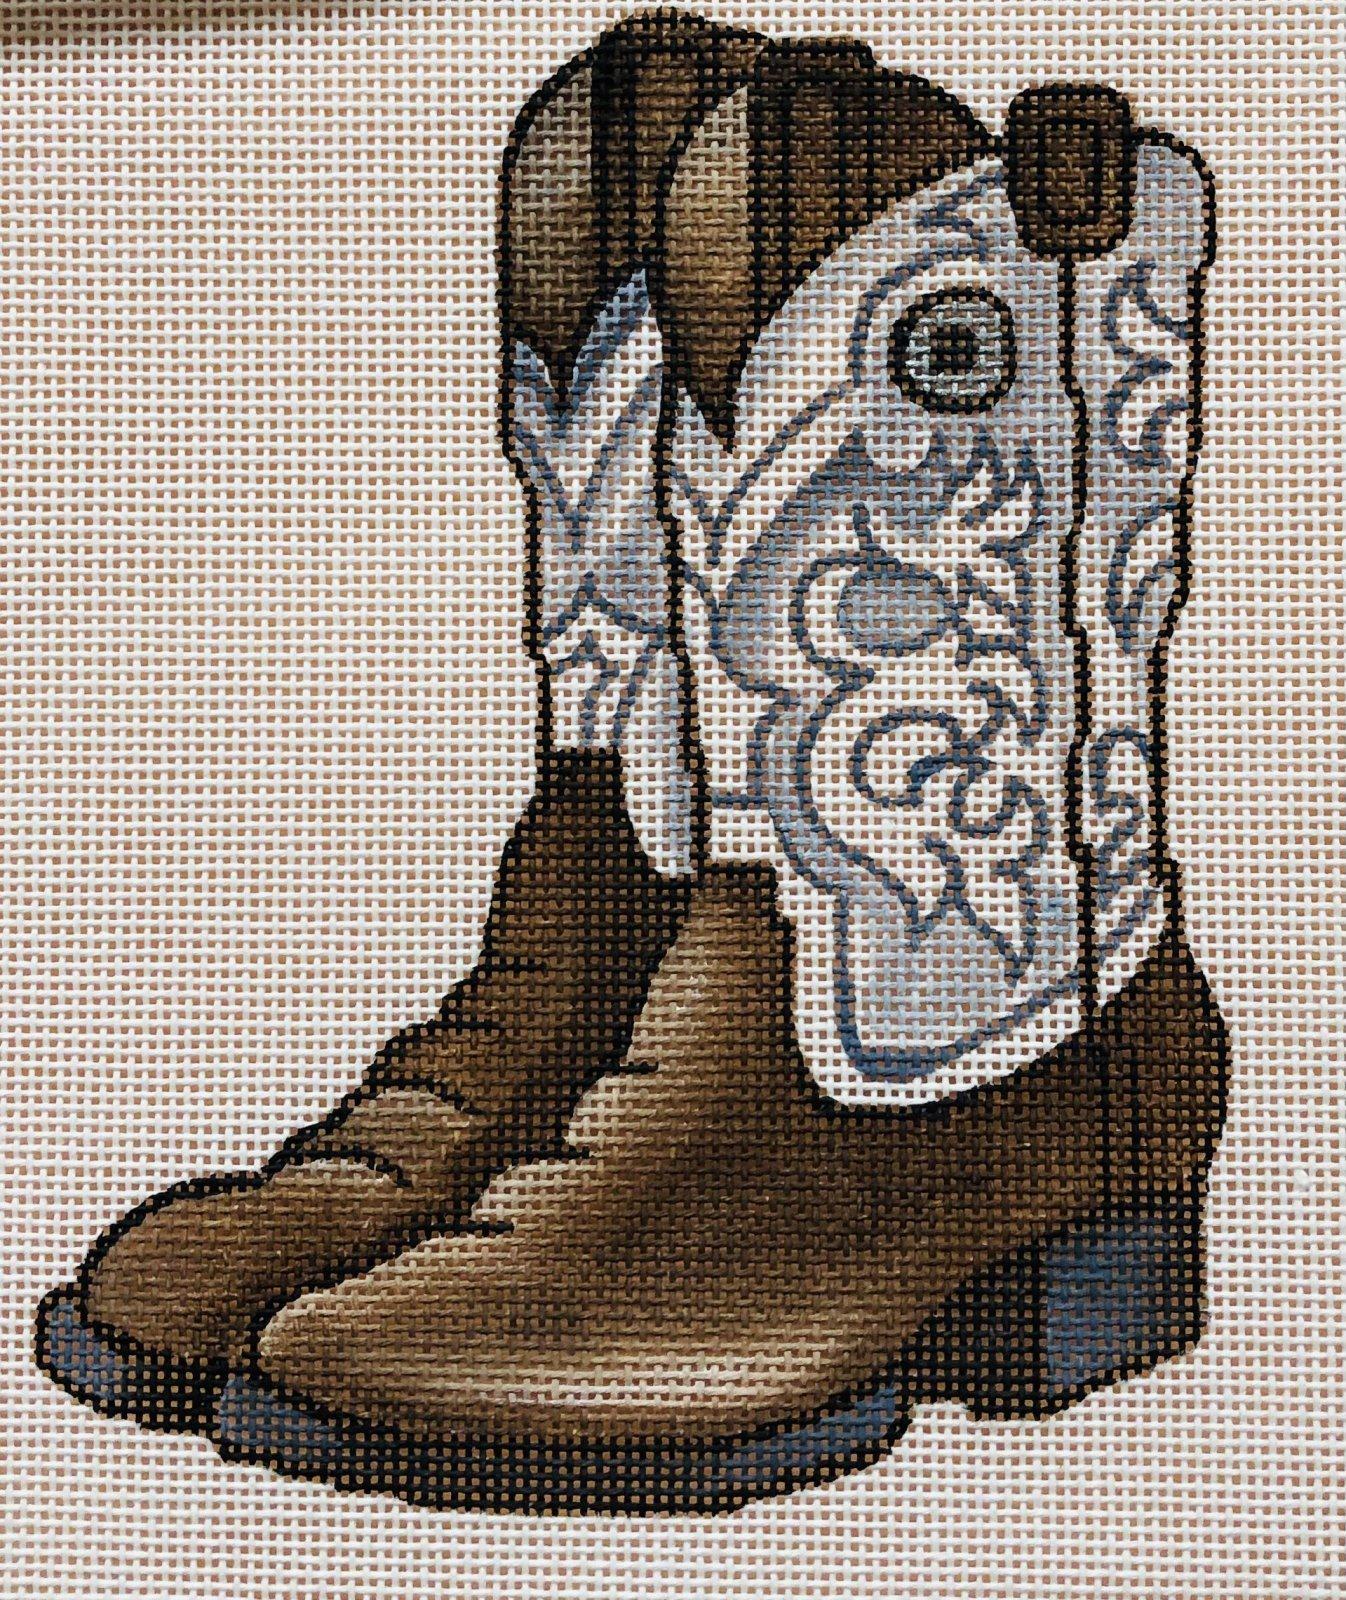 PC2025 Cowboy Boots 6x5, 18M